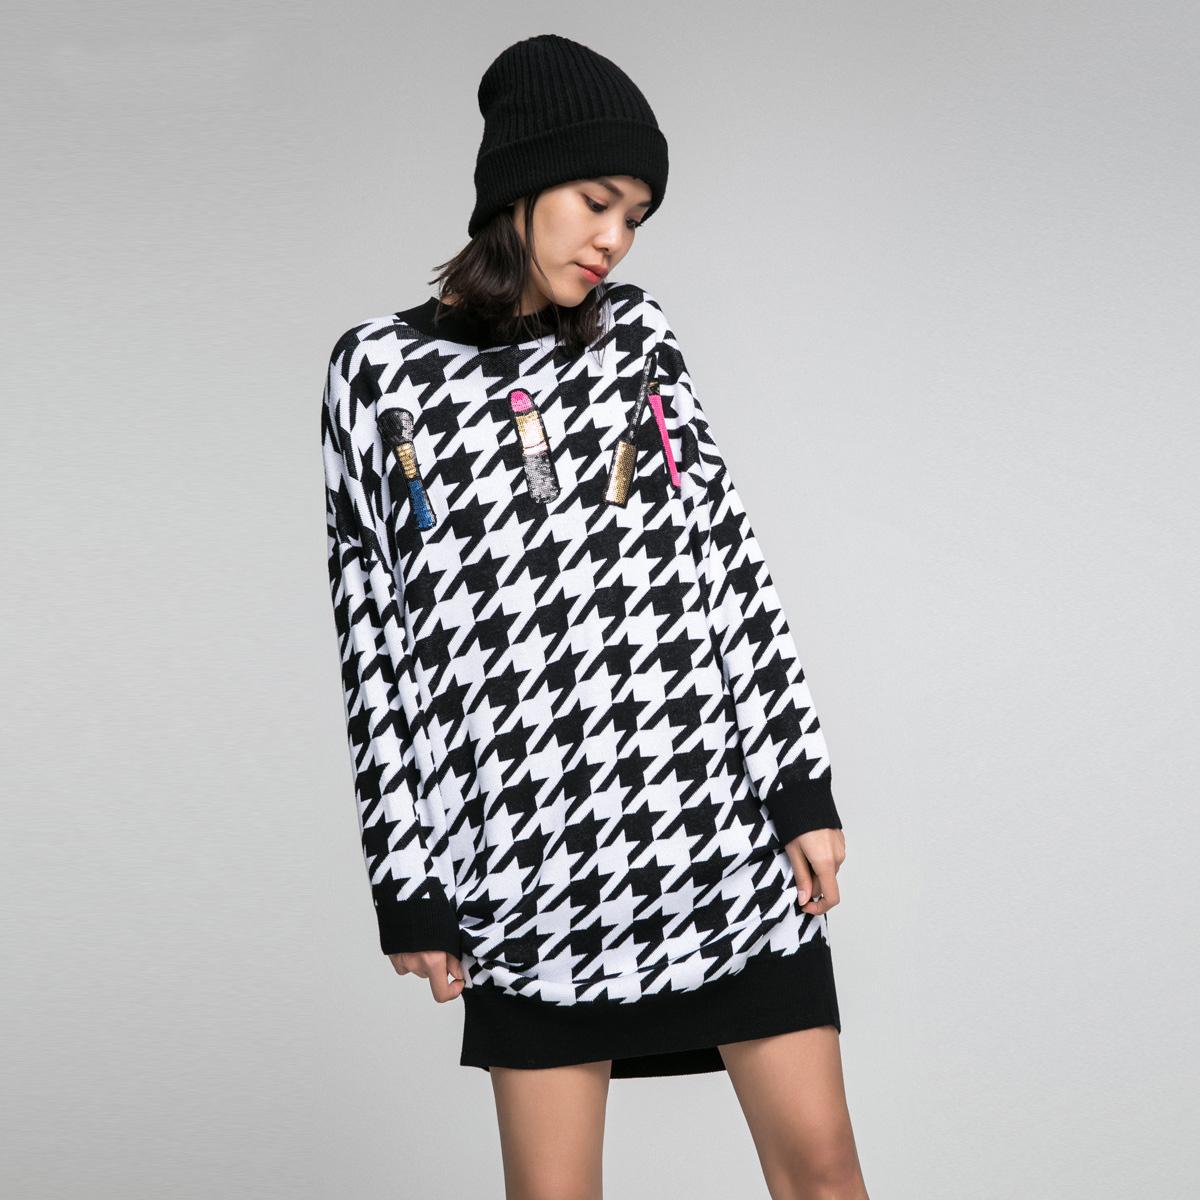 ONLY冬季中长款套头宽松针织连衣裙女|116446504